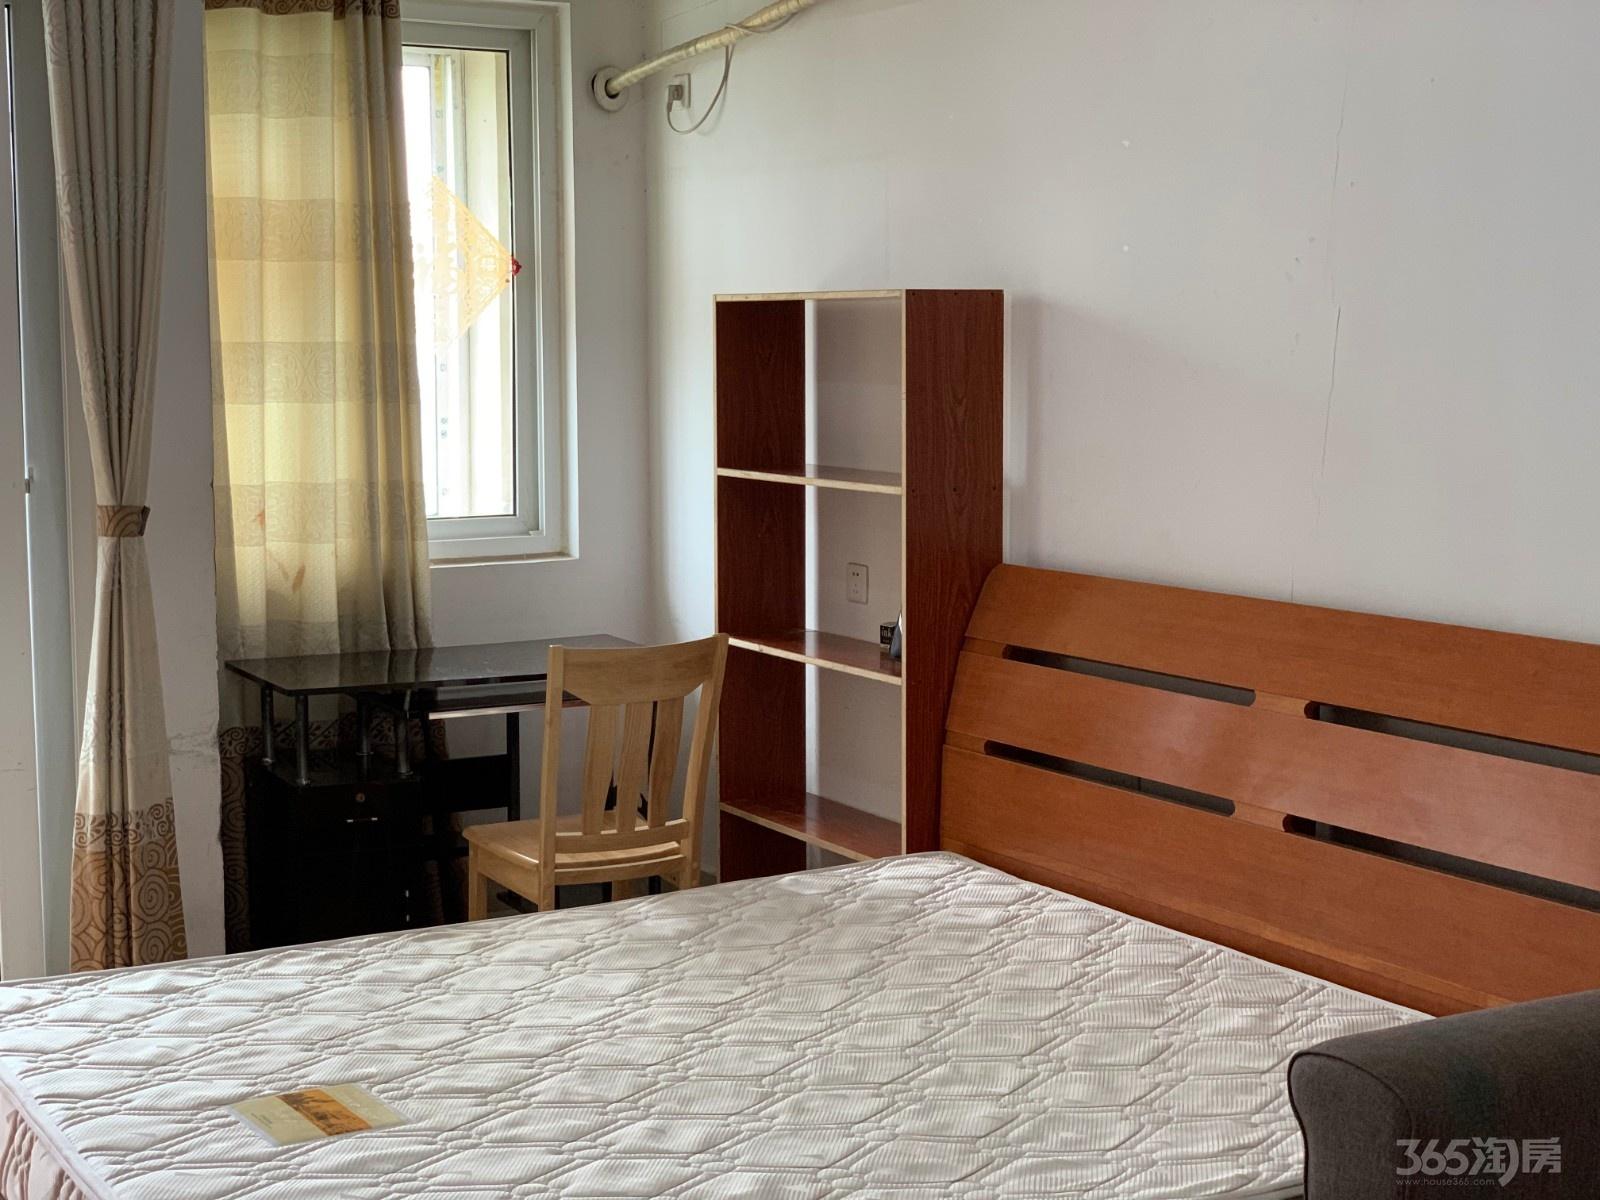 青年城1号1室1厅1卫56平米整租精装